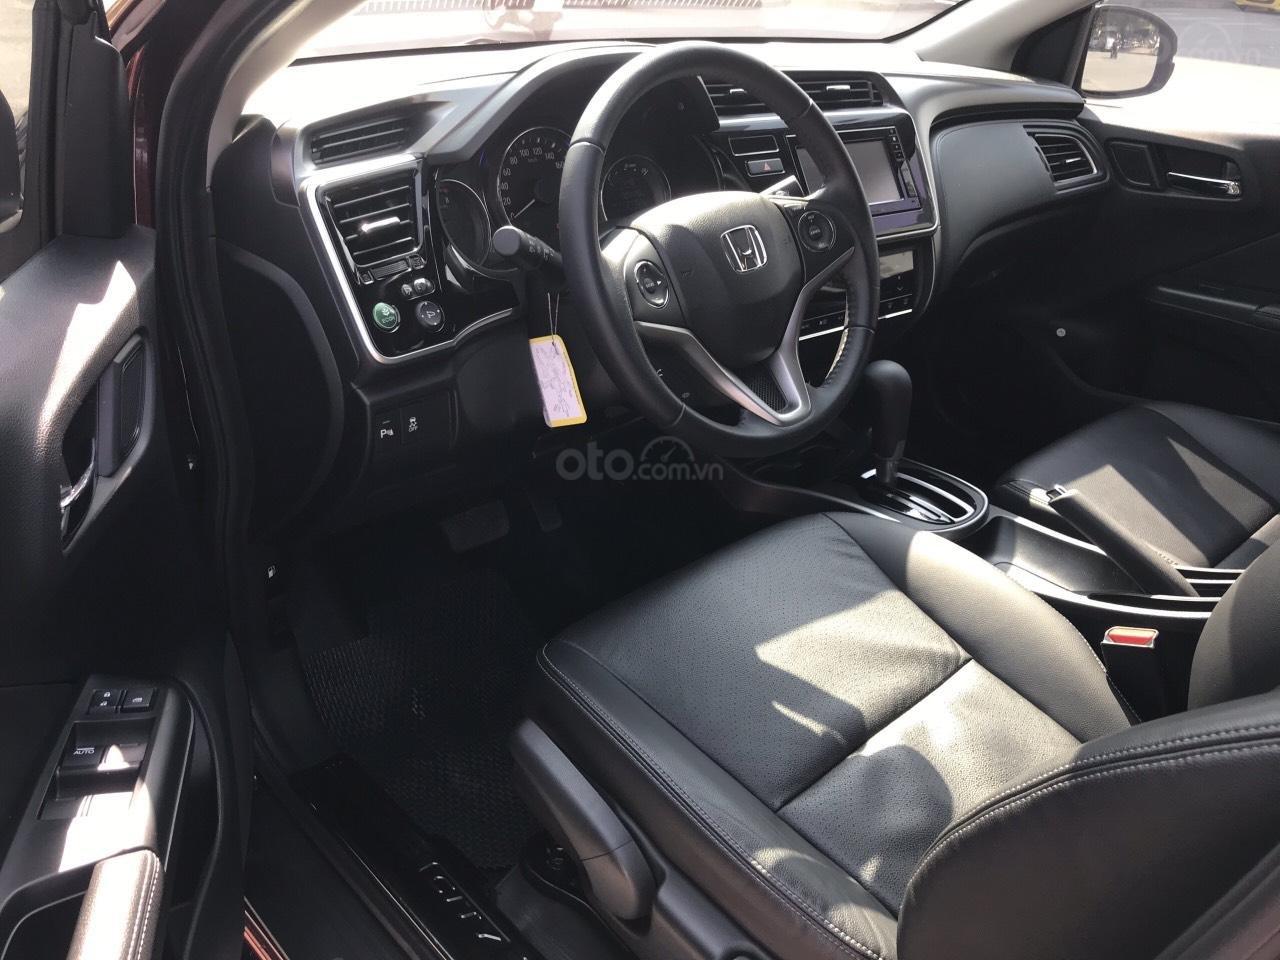 Bán gấp với giá ưu đãi chiếc Honda City Top 1.5 AT 2019 (3)